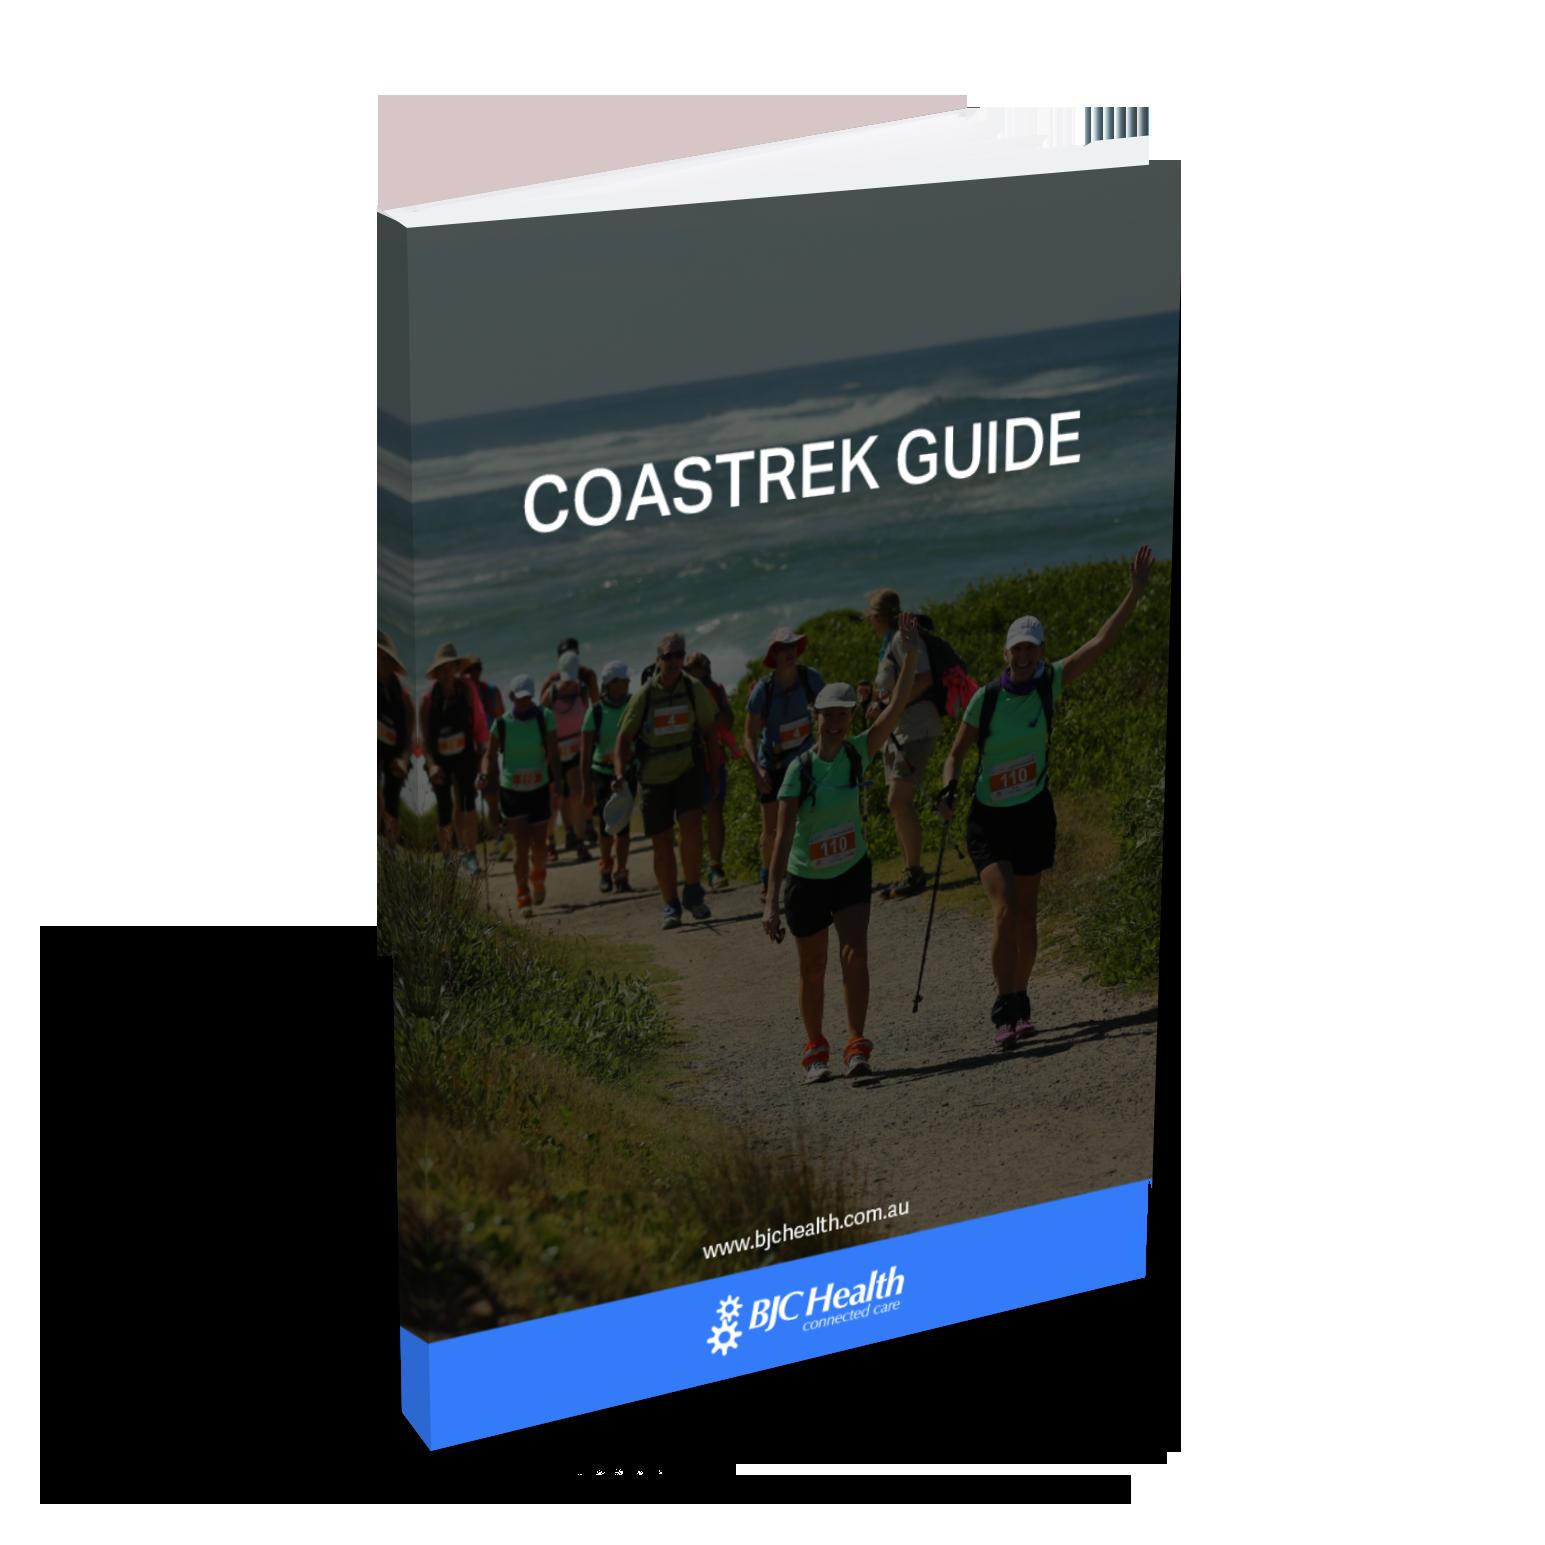 coastrek guide book.png